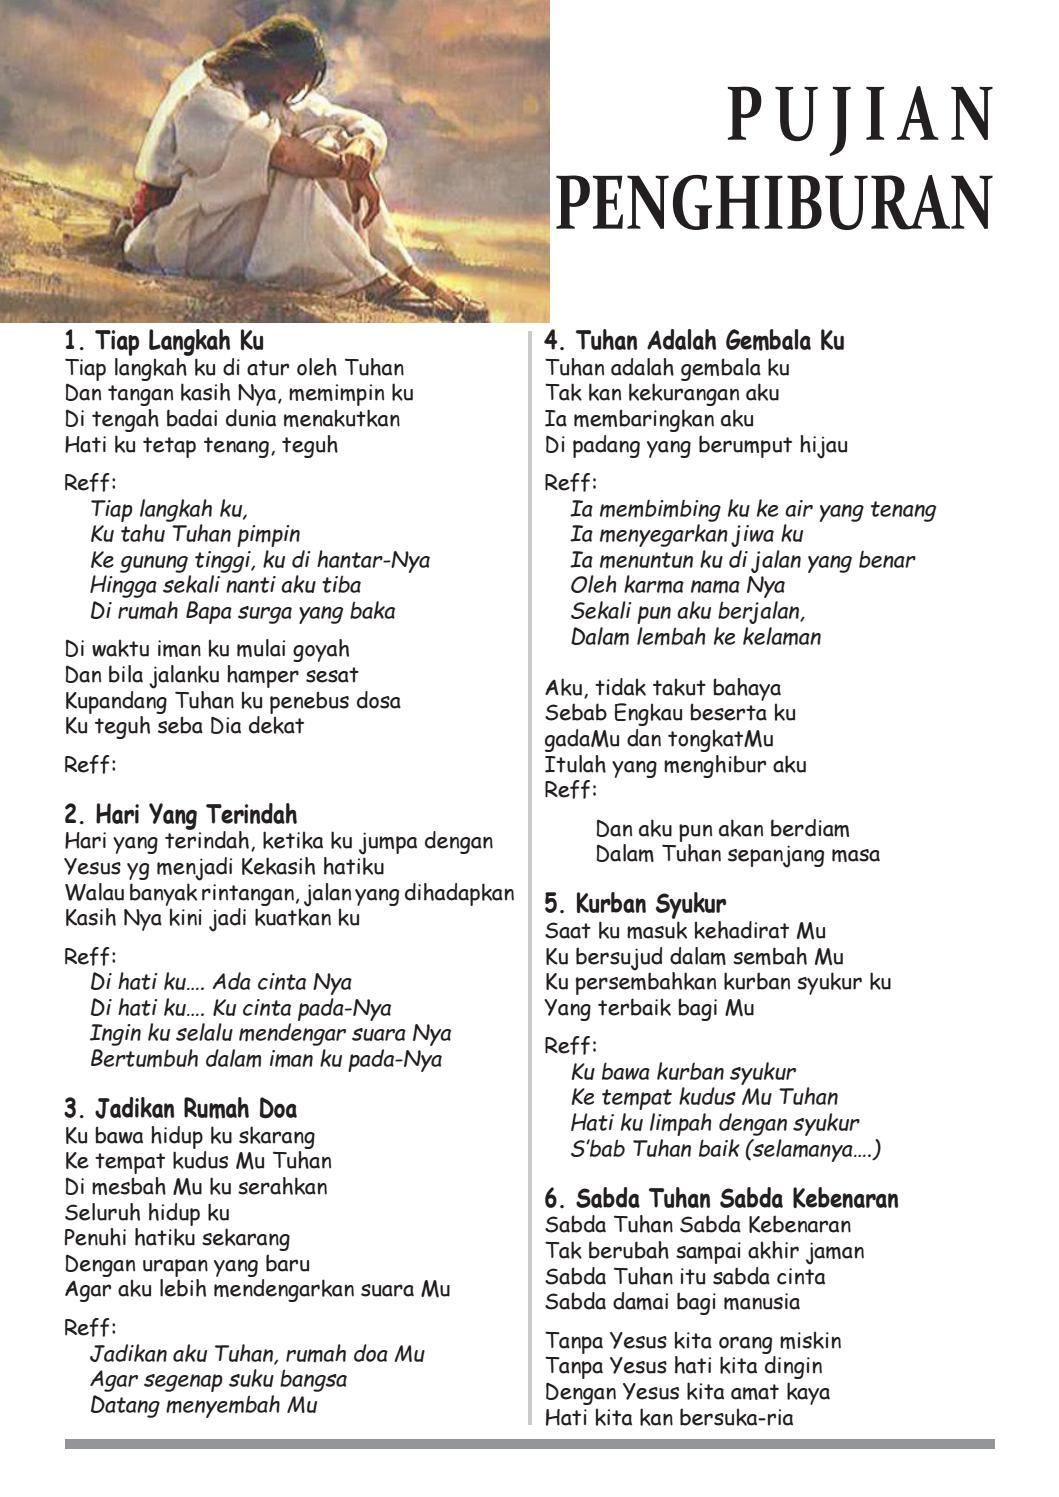 Lirik Lagu Rumah Kita Surga Di Dunia Soul Out Utusan1 Teks Pujian Penghiburan By Anthoen Karnanta Issuu